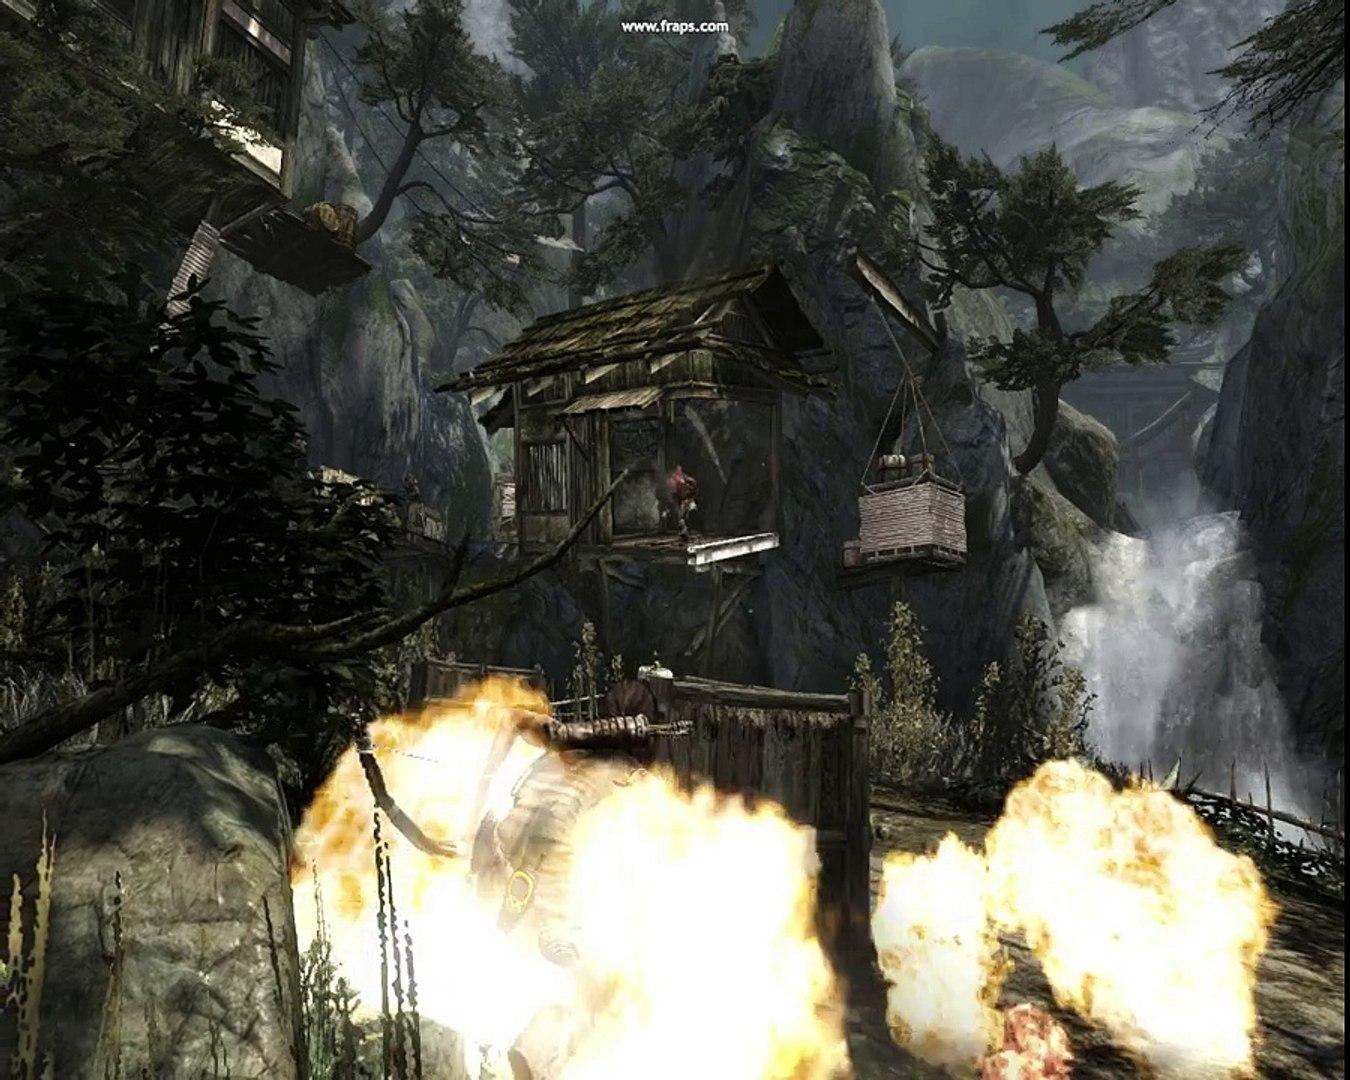 видео вопрос как пройти уровень№1:TombRaider survival edition